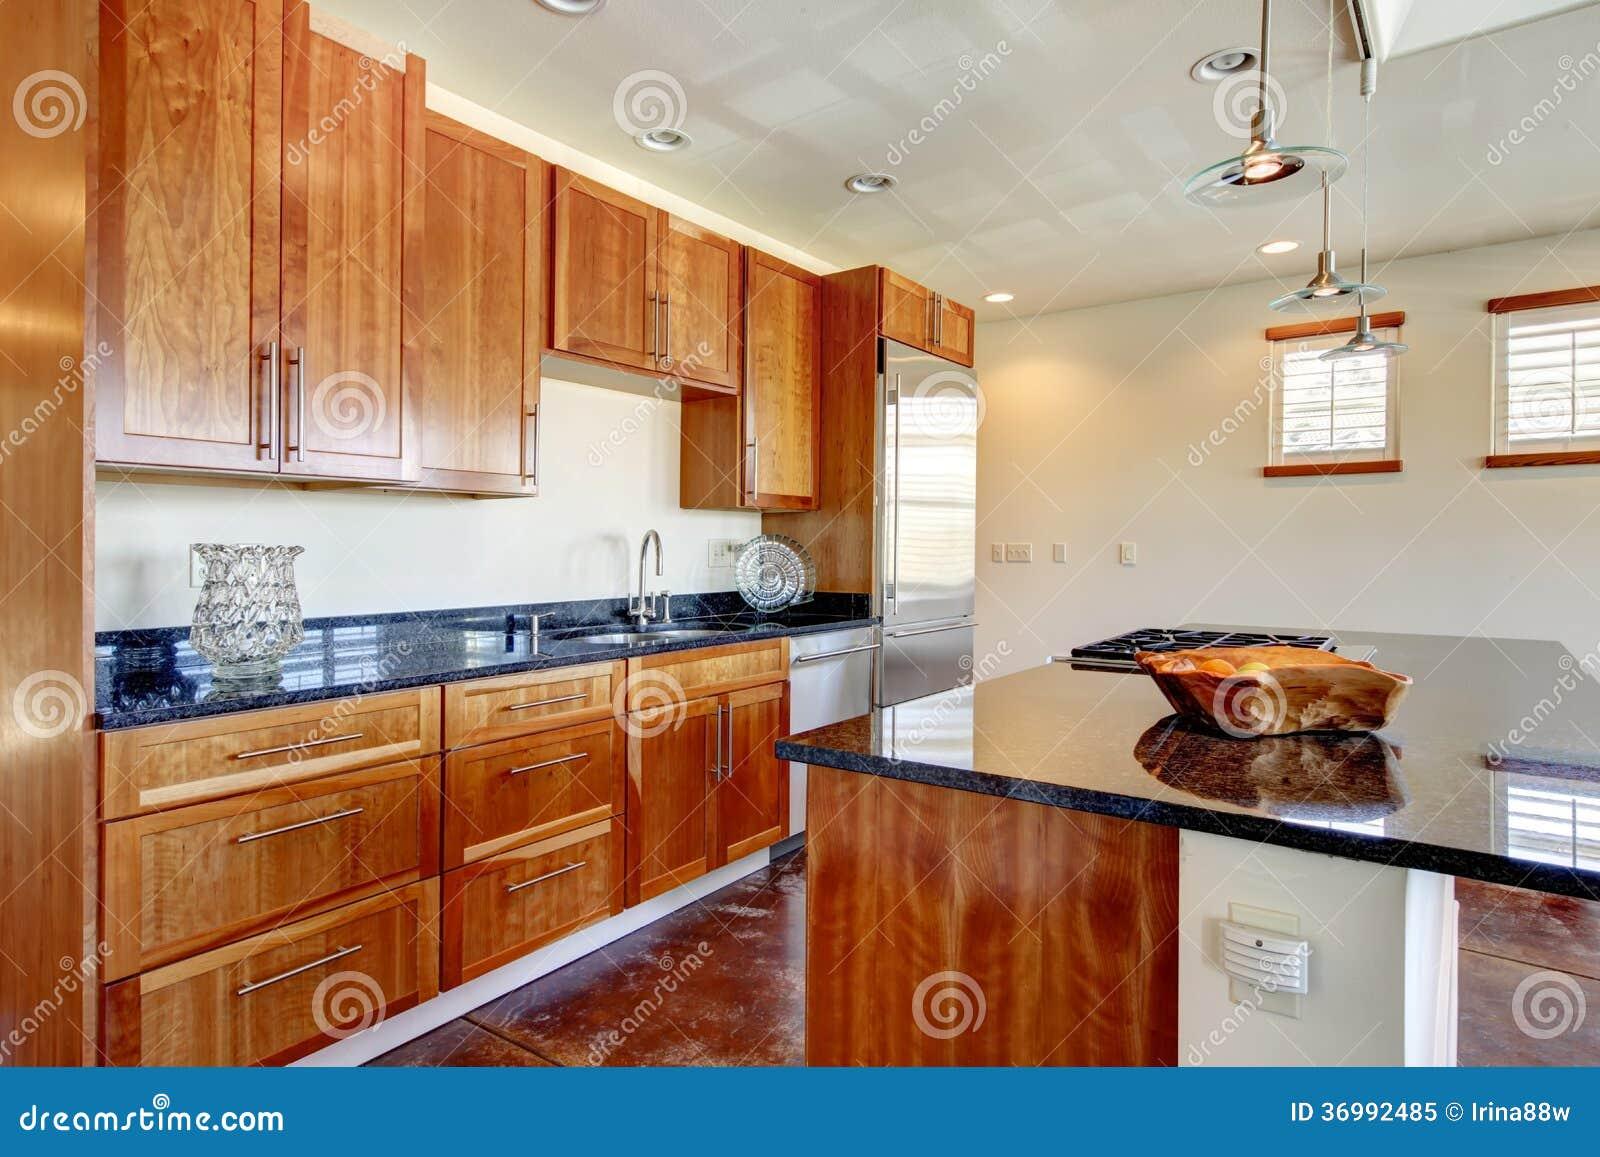 La Stanza Moderna Della Cucina Con Gli Armadi Da Cucina Di Legno Di  #843611 1300 957 Armadi Da Cucina Di Legno Solido